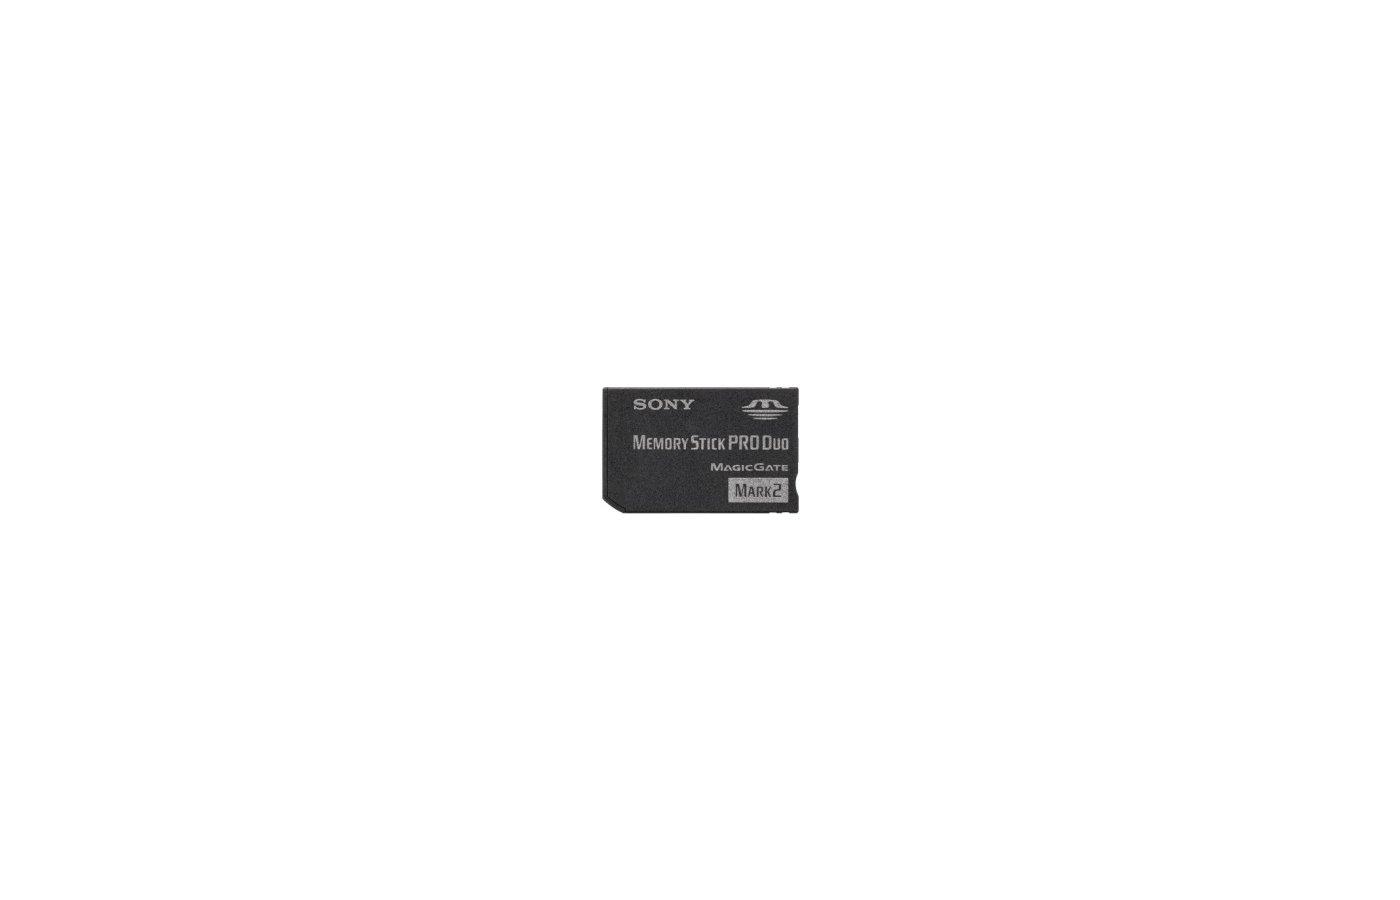 Карта пямяти MS pro duo 2GB